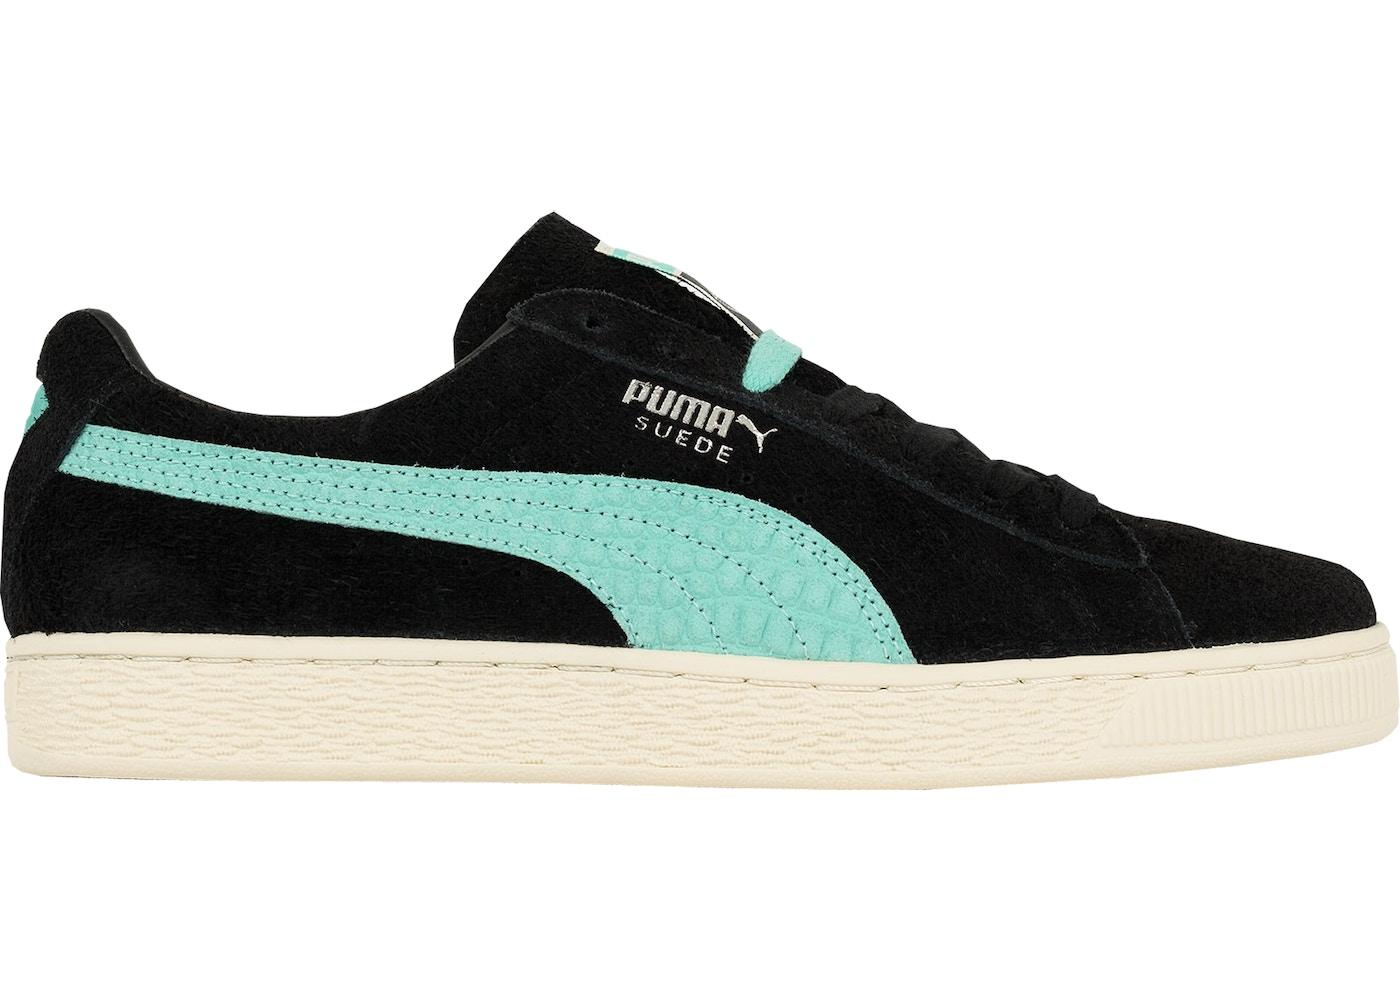 Puma Size 18 Shoes - Release Date 609de03be